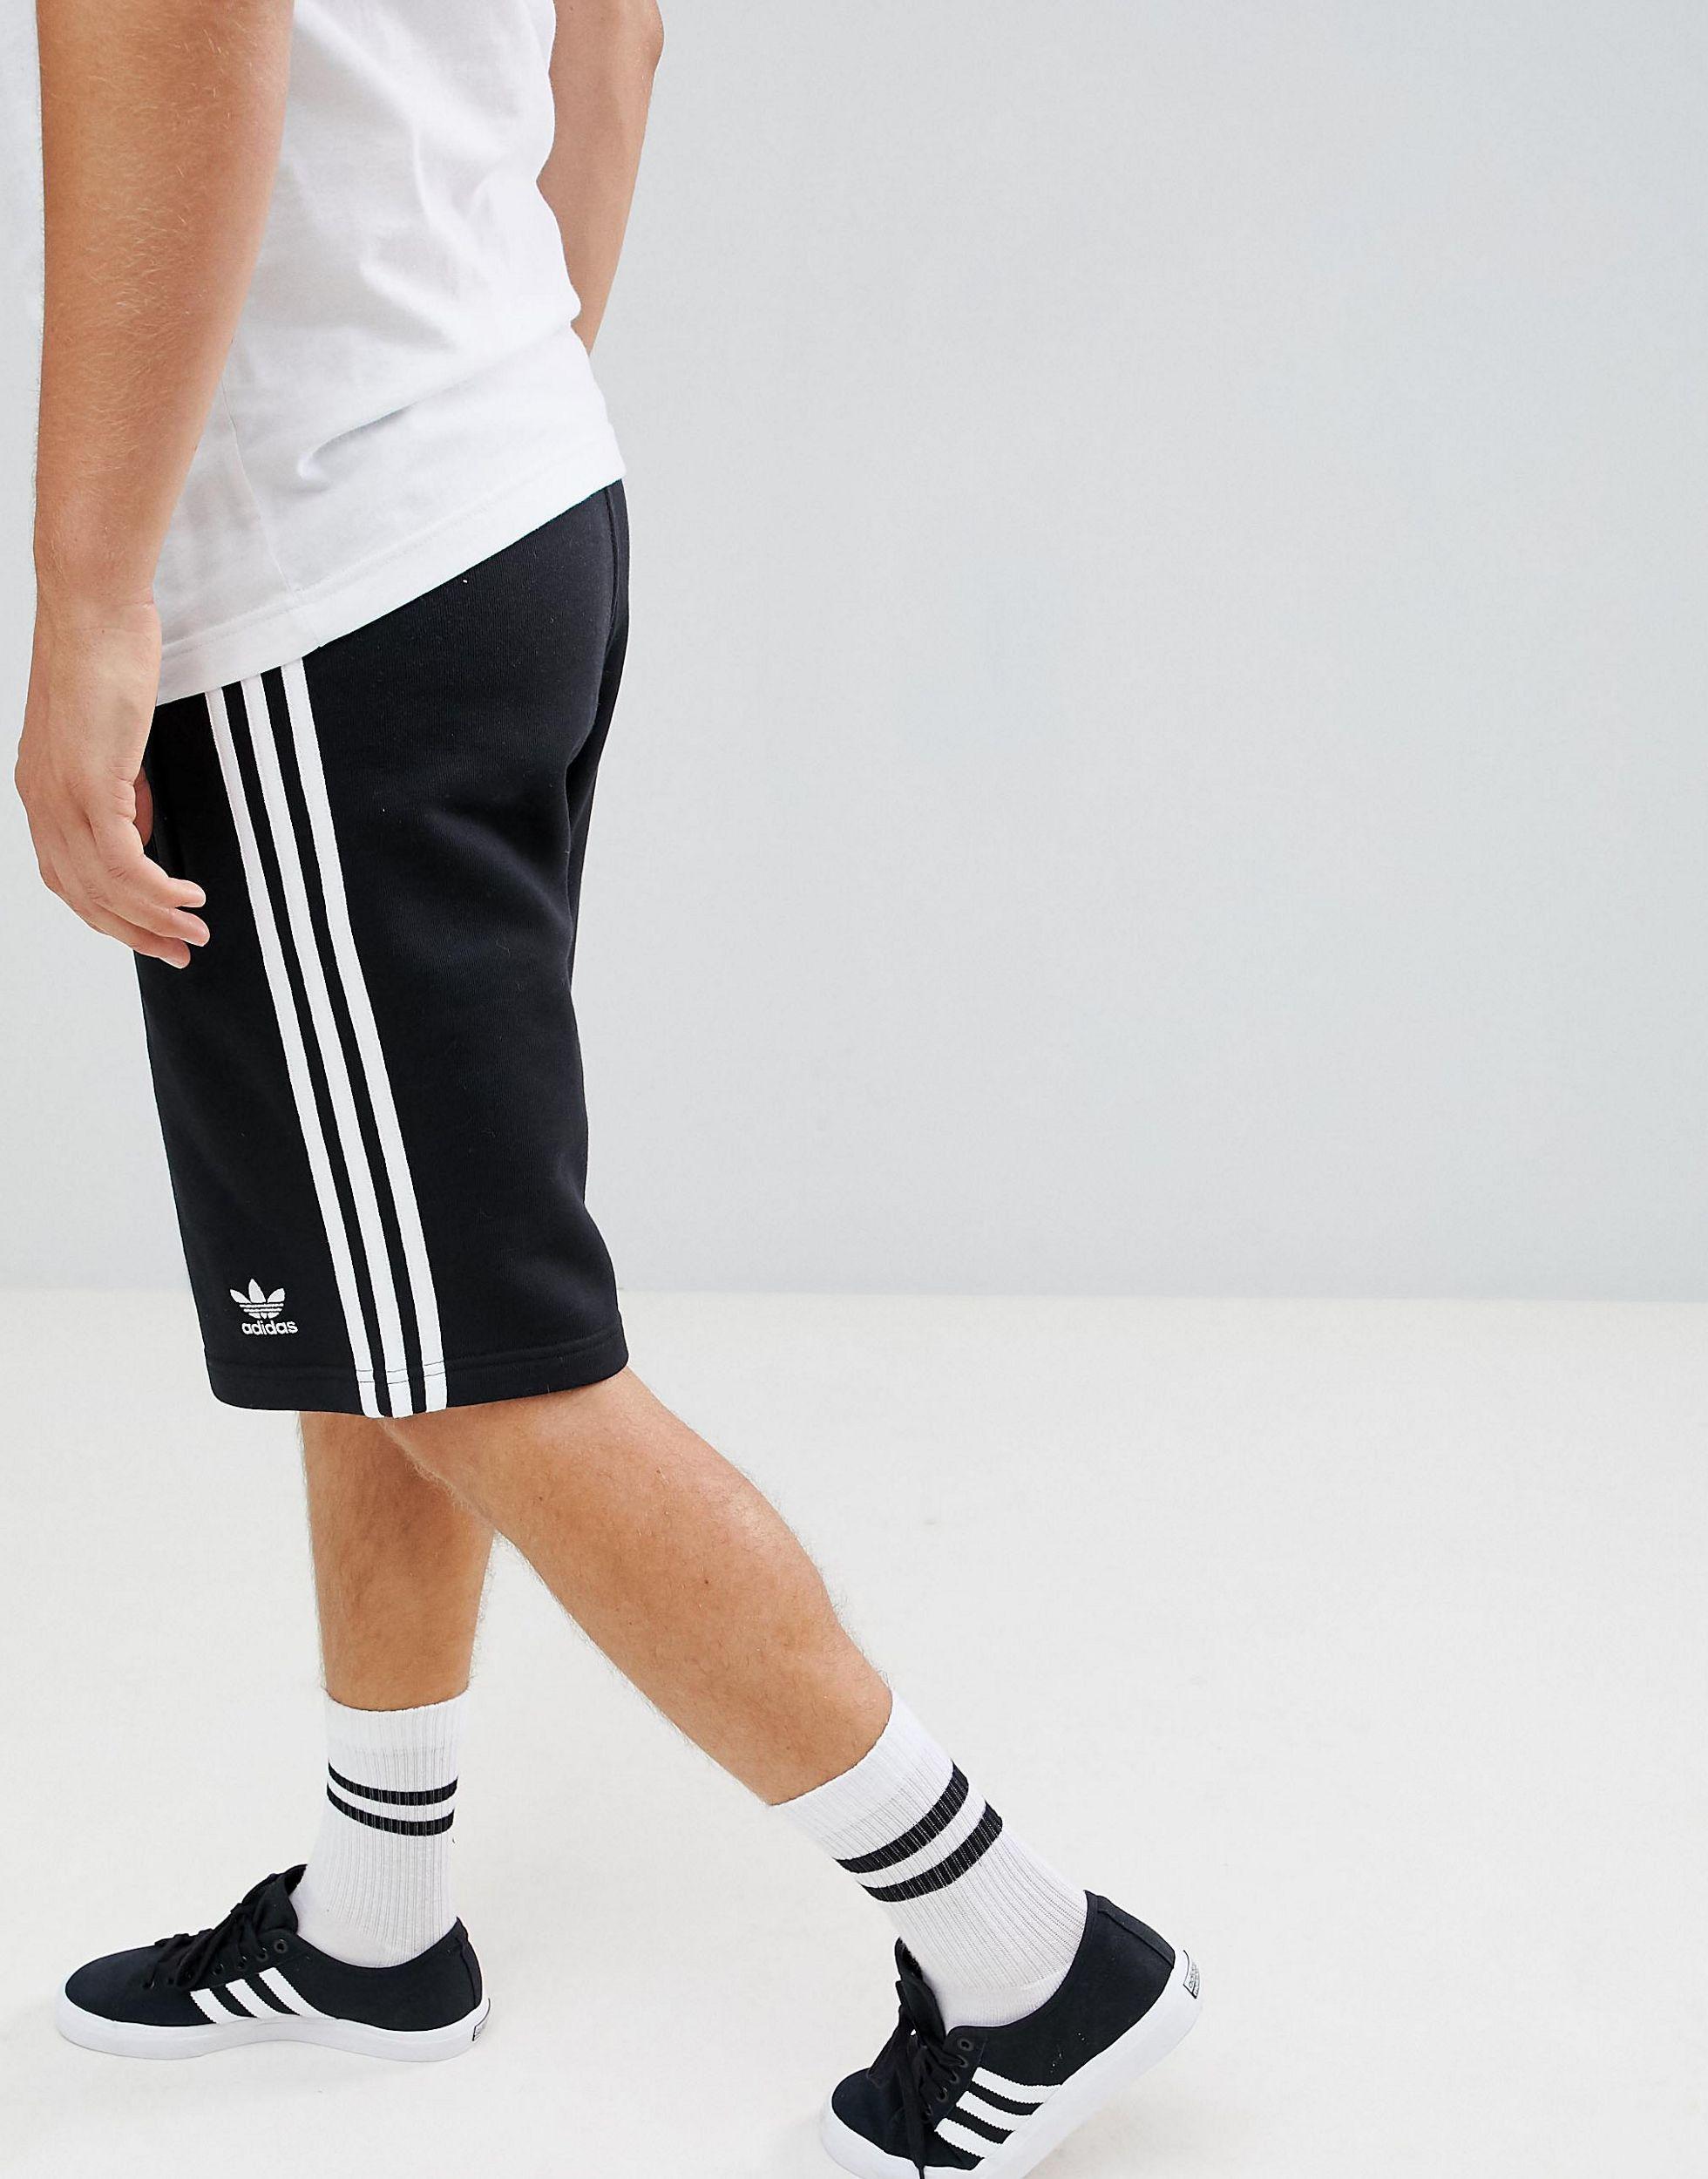 adidas Originals Adicolor Three Stripe Shorts in Black for Men - Lyst